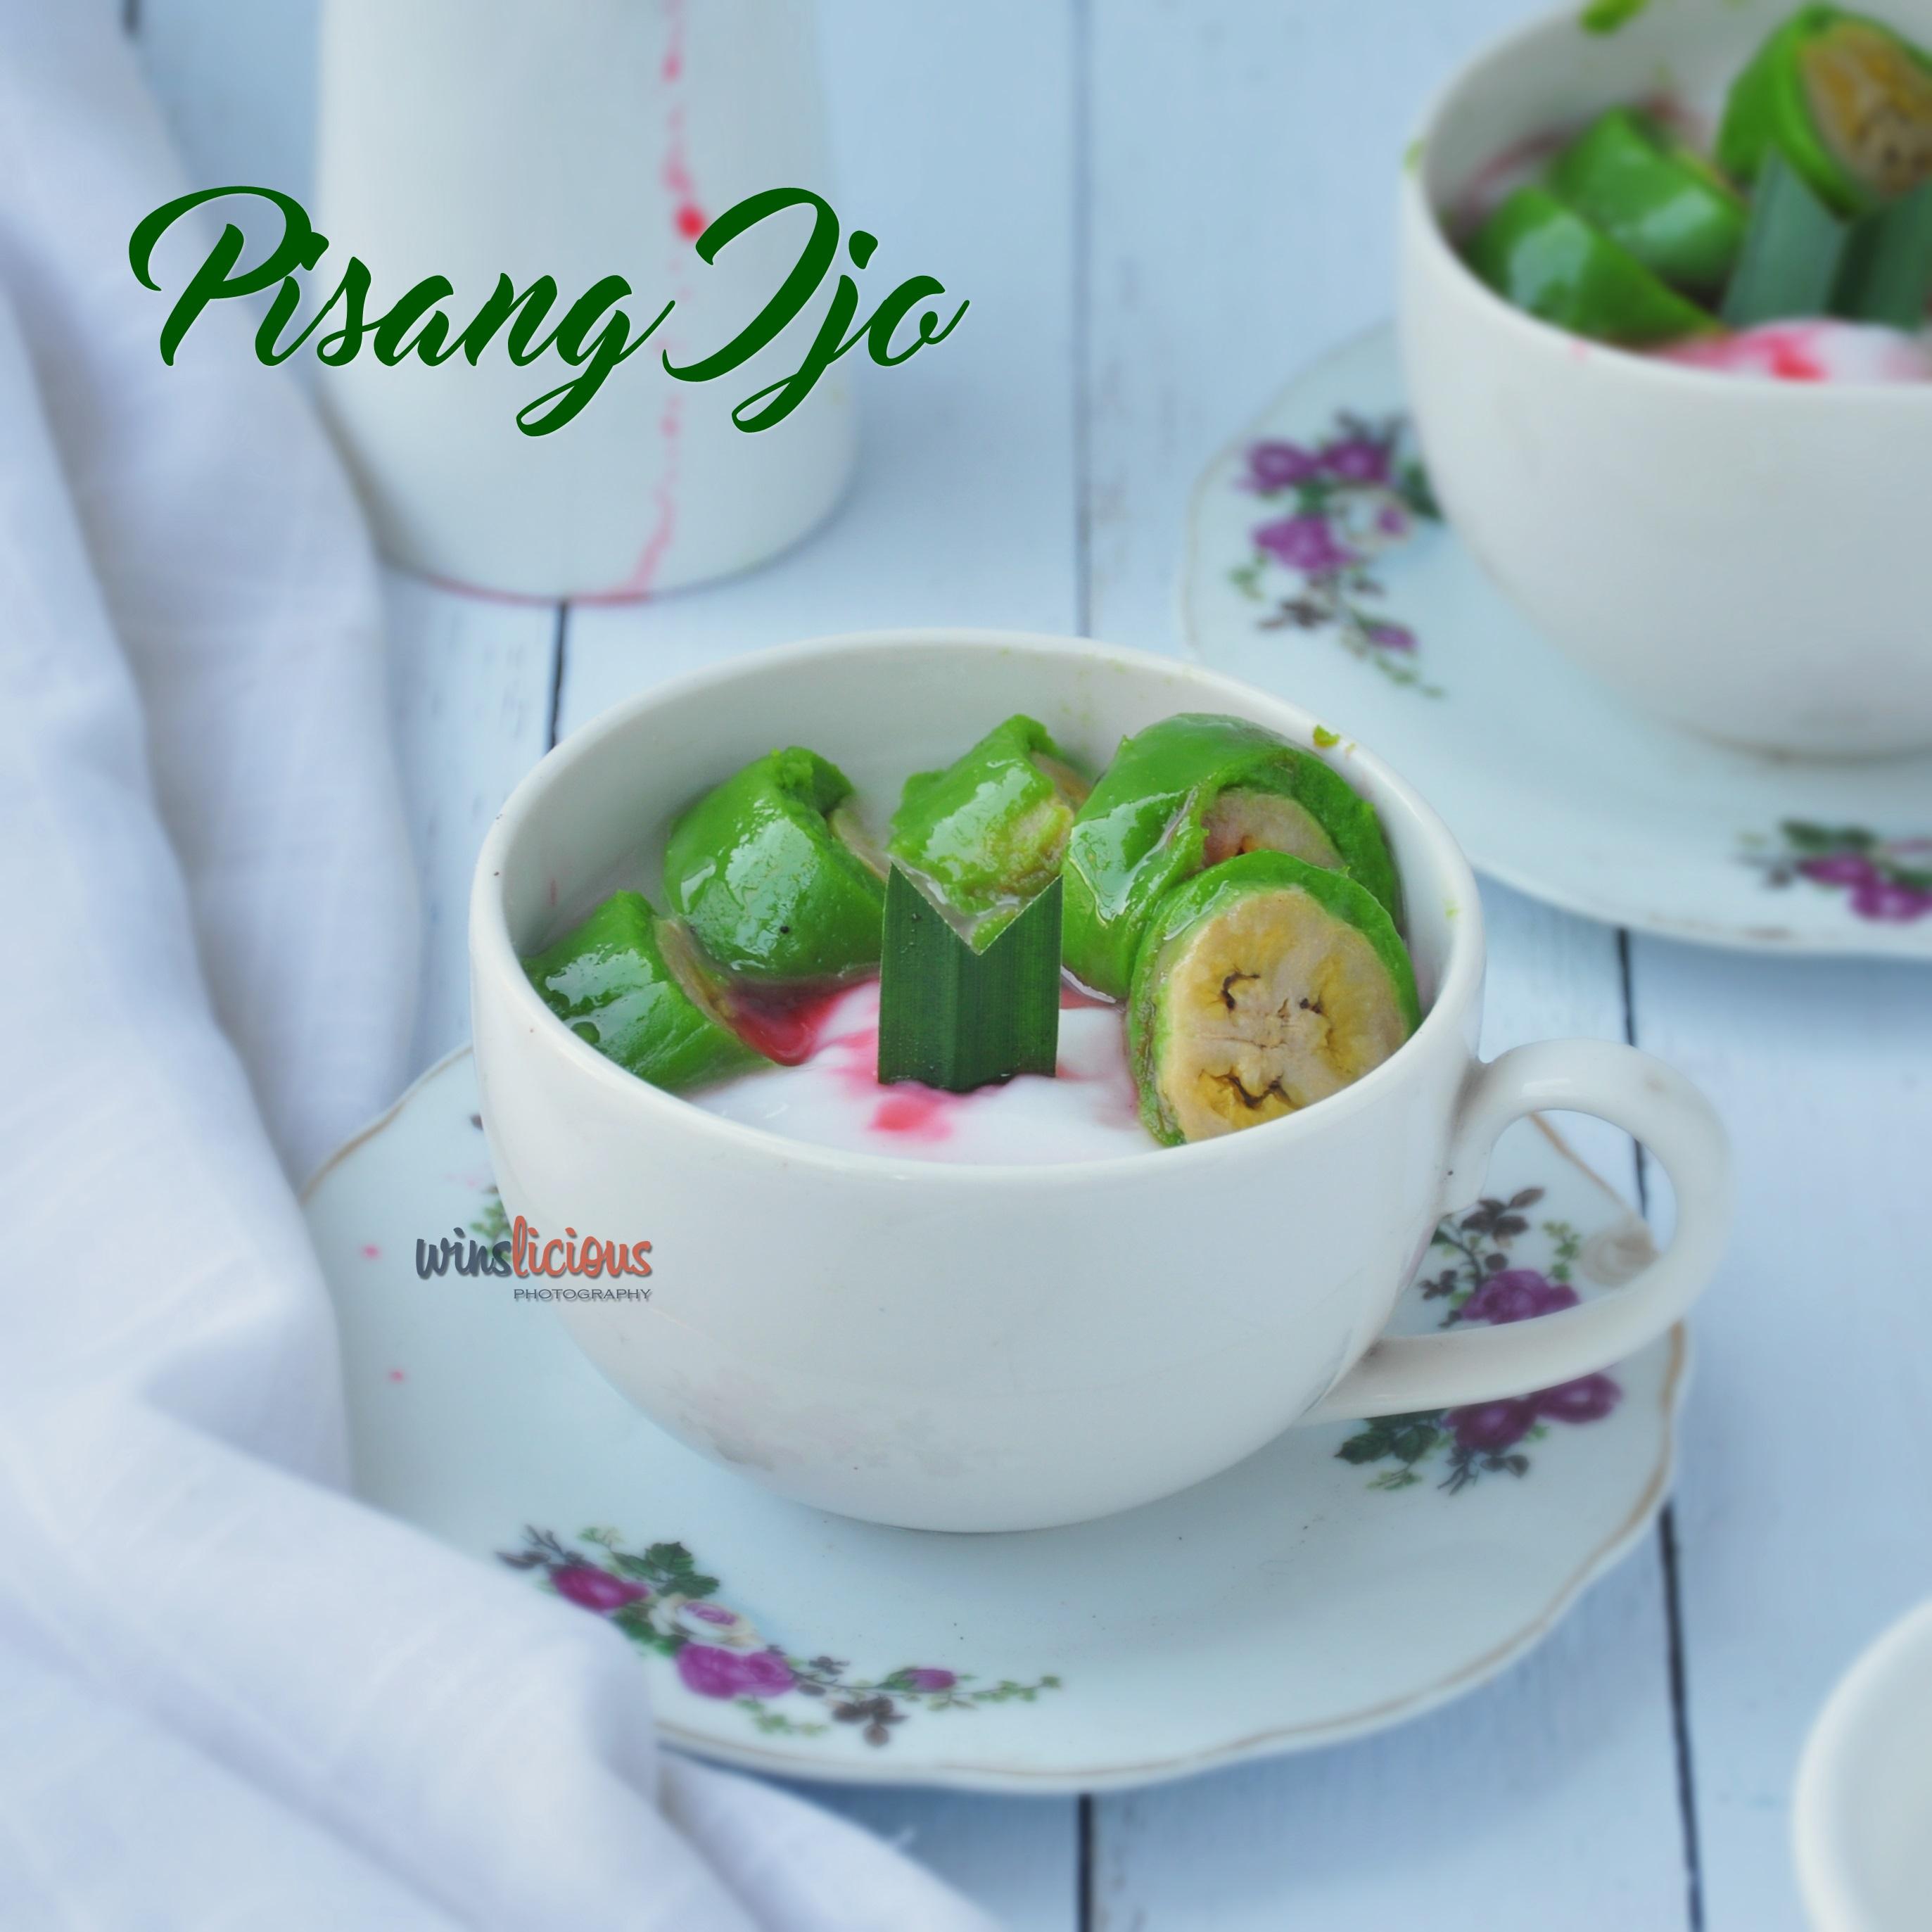 pisang ijo feat